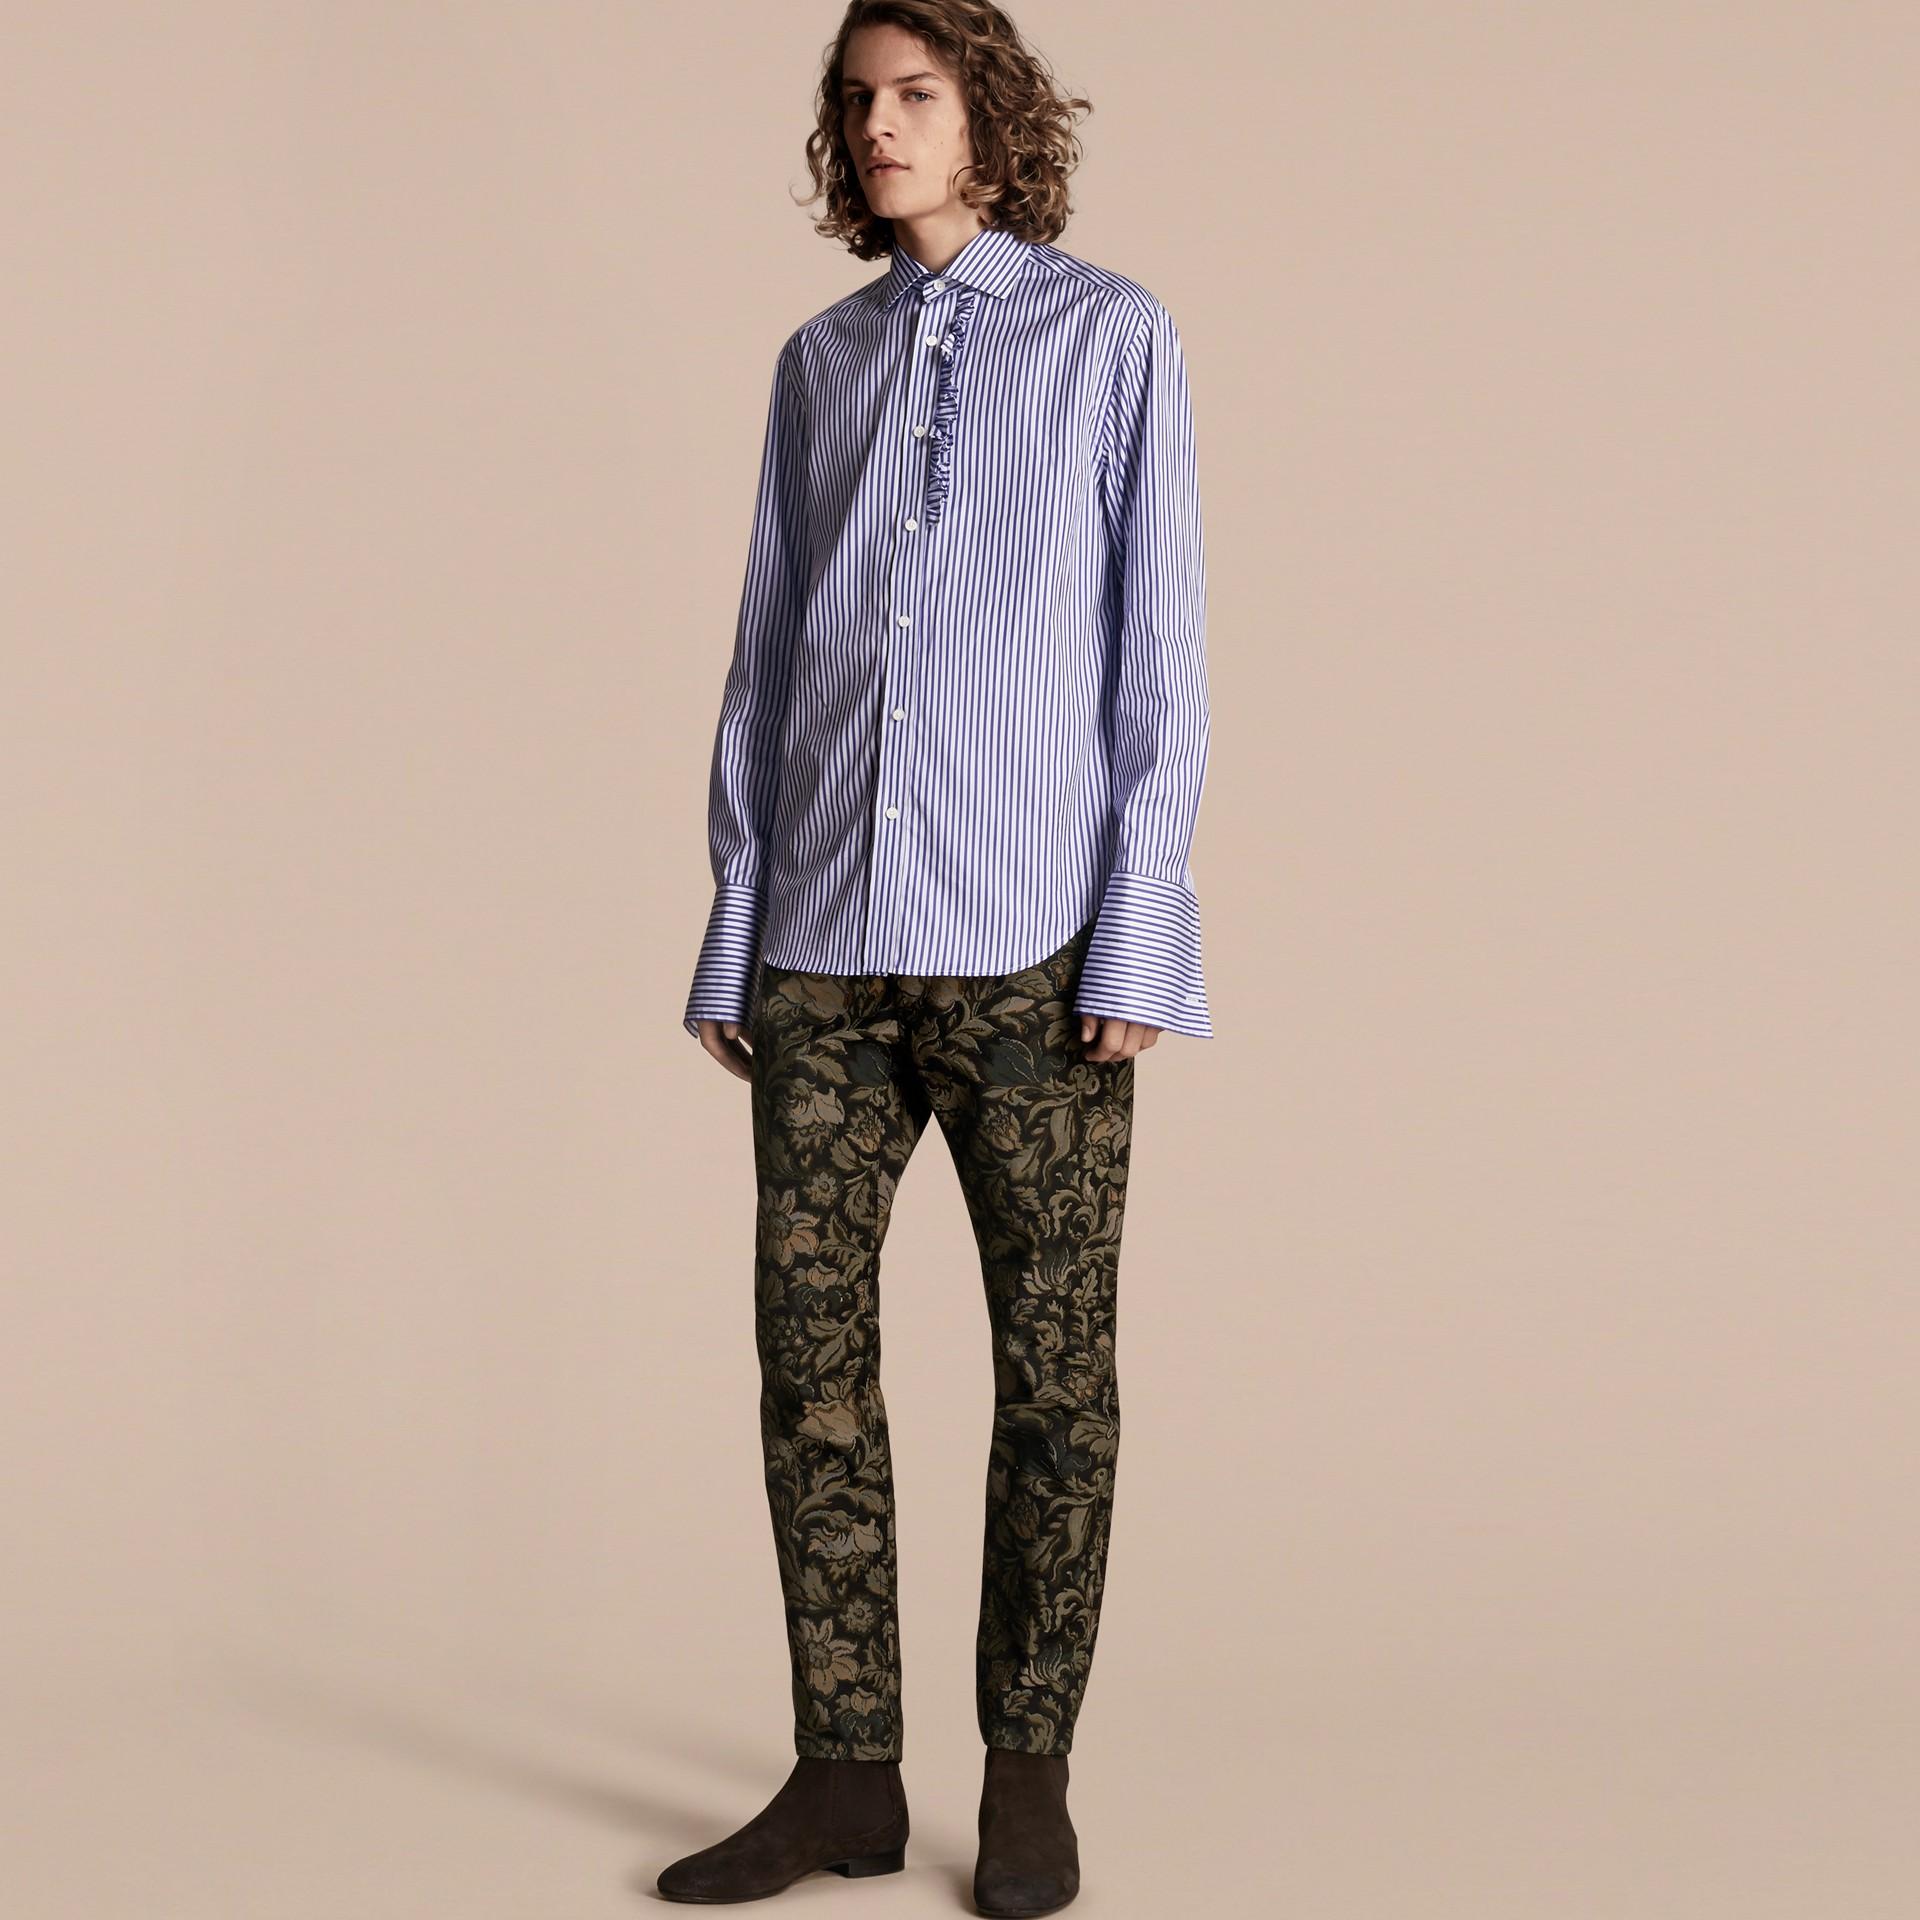 Шалфей Узкие джинсы с цветочным узором Шалфей - изображение 7